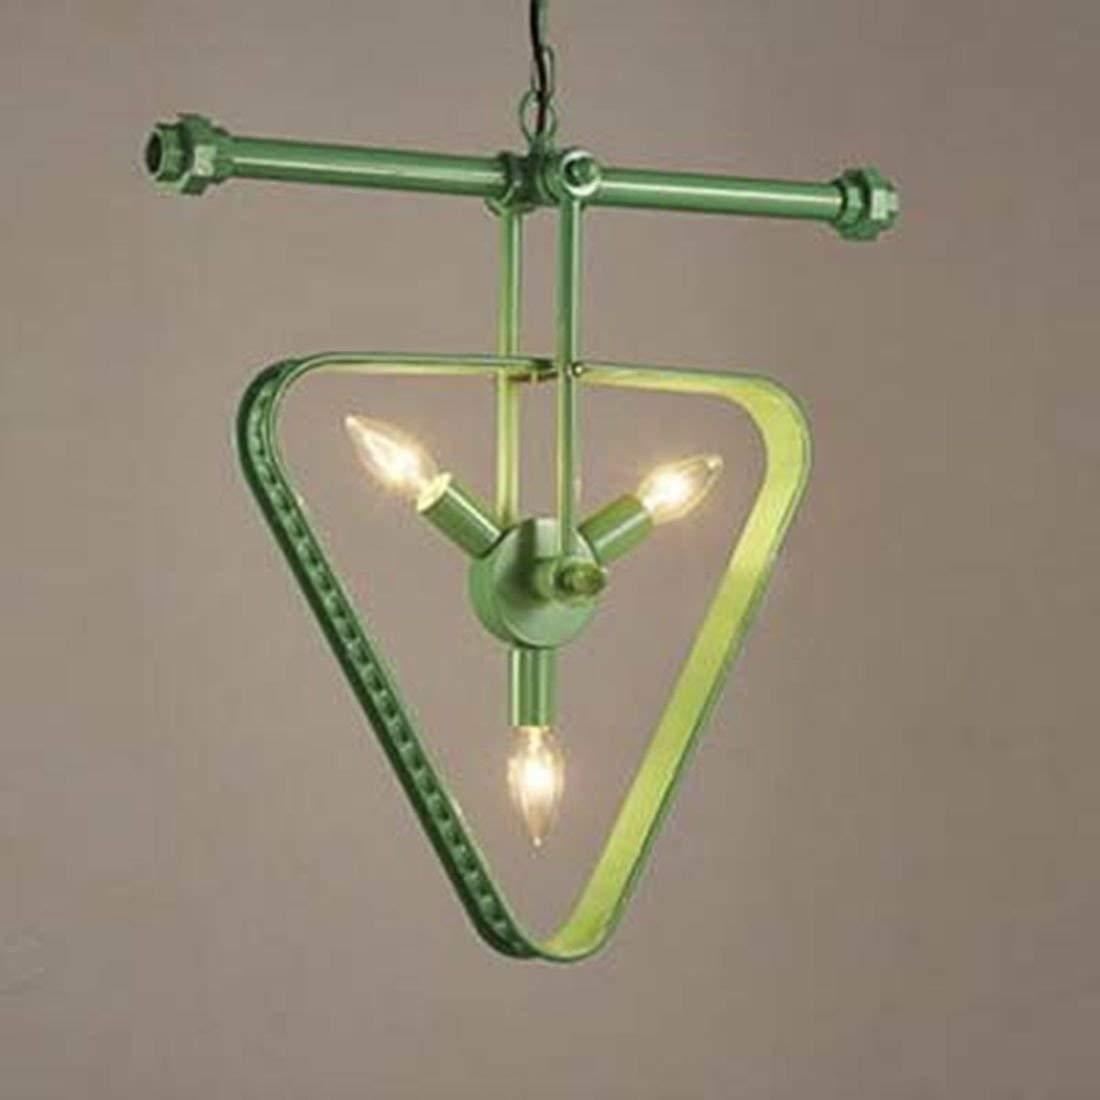 FDA3H   Retro Deckenleuchte Pendelleuchte Dreieck mit 3 Sockel Grün für Restaurant Esszimmer Halle Cafe Bar Loft Küche geformt